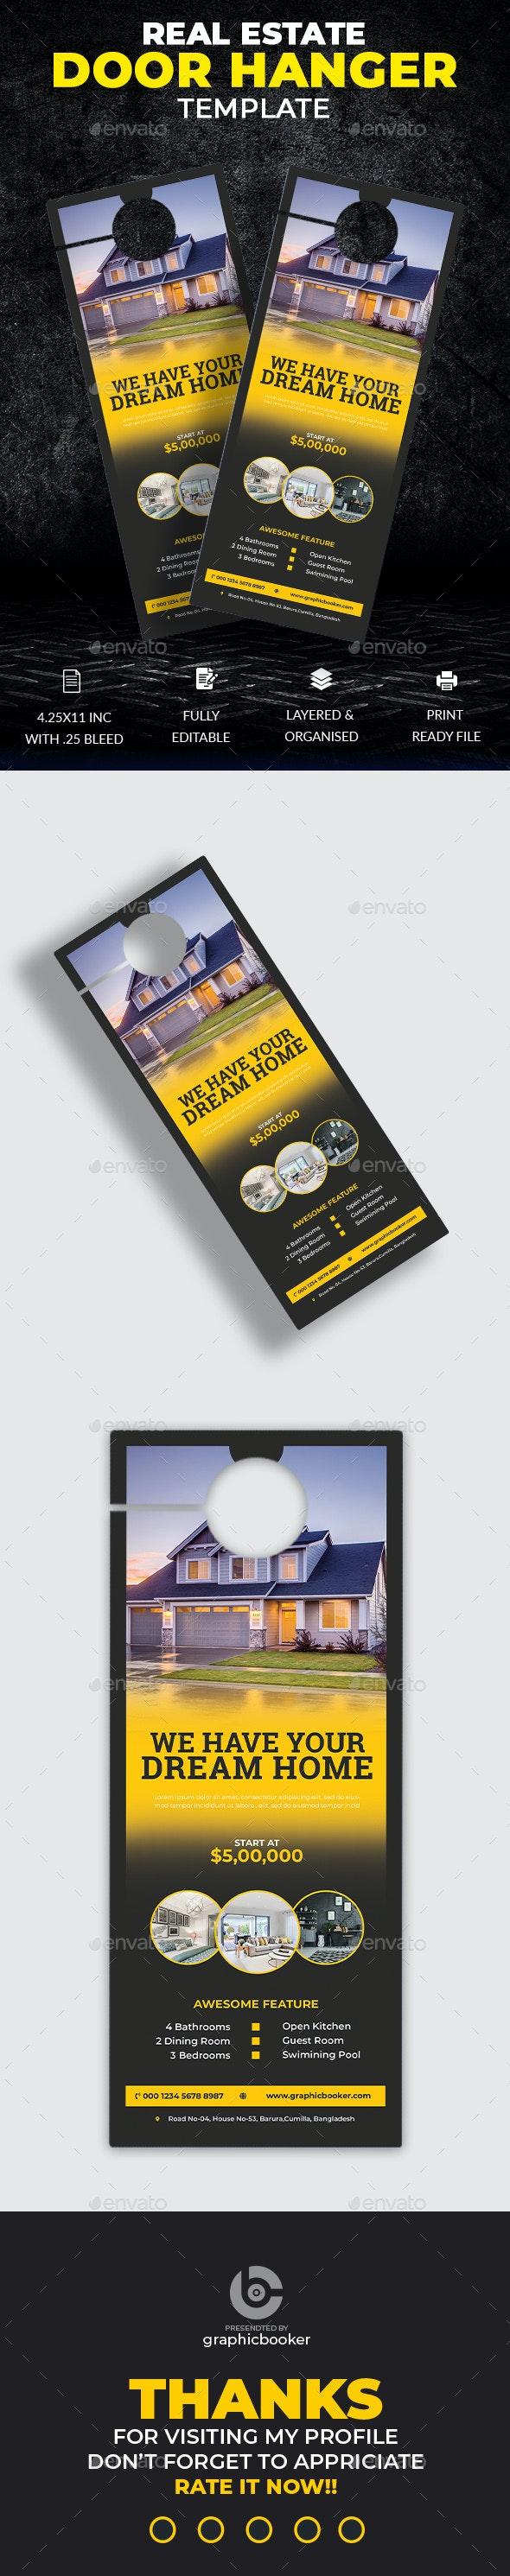 Real Estate Door Hanger - Miscellaneous Print Templates